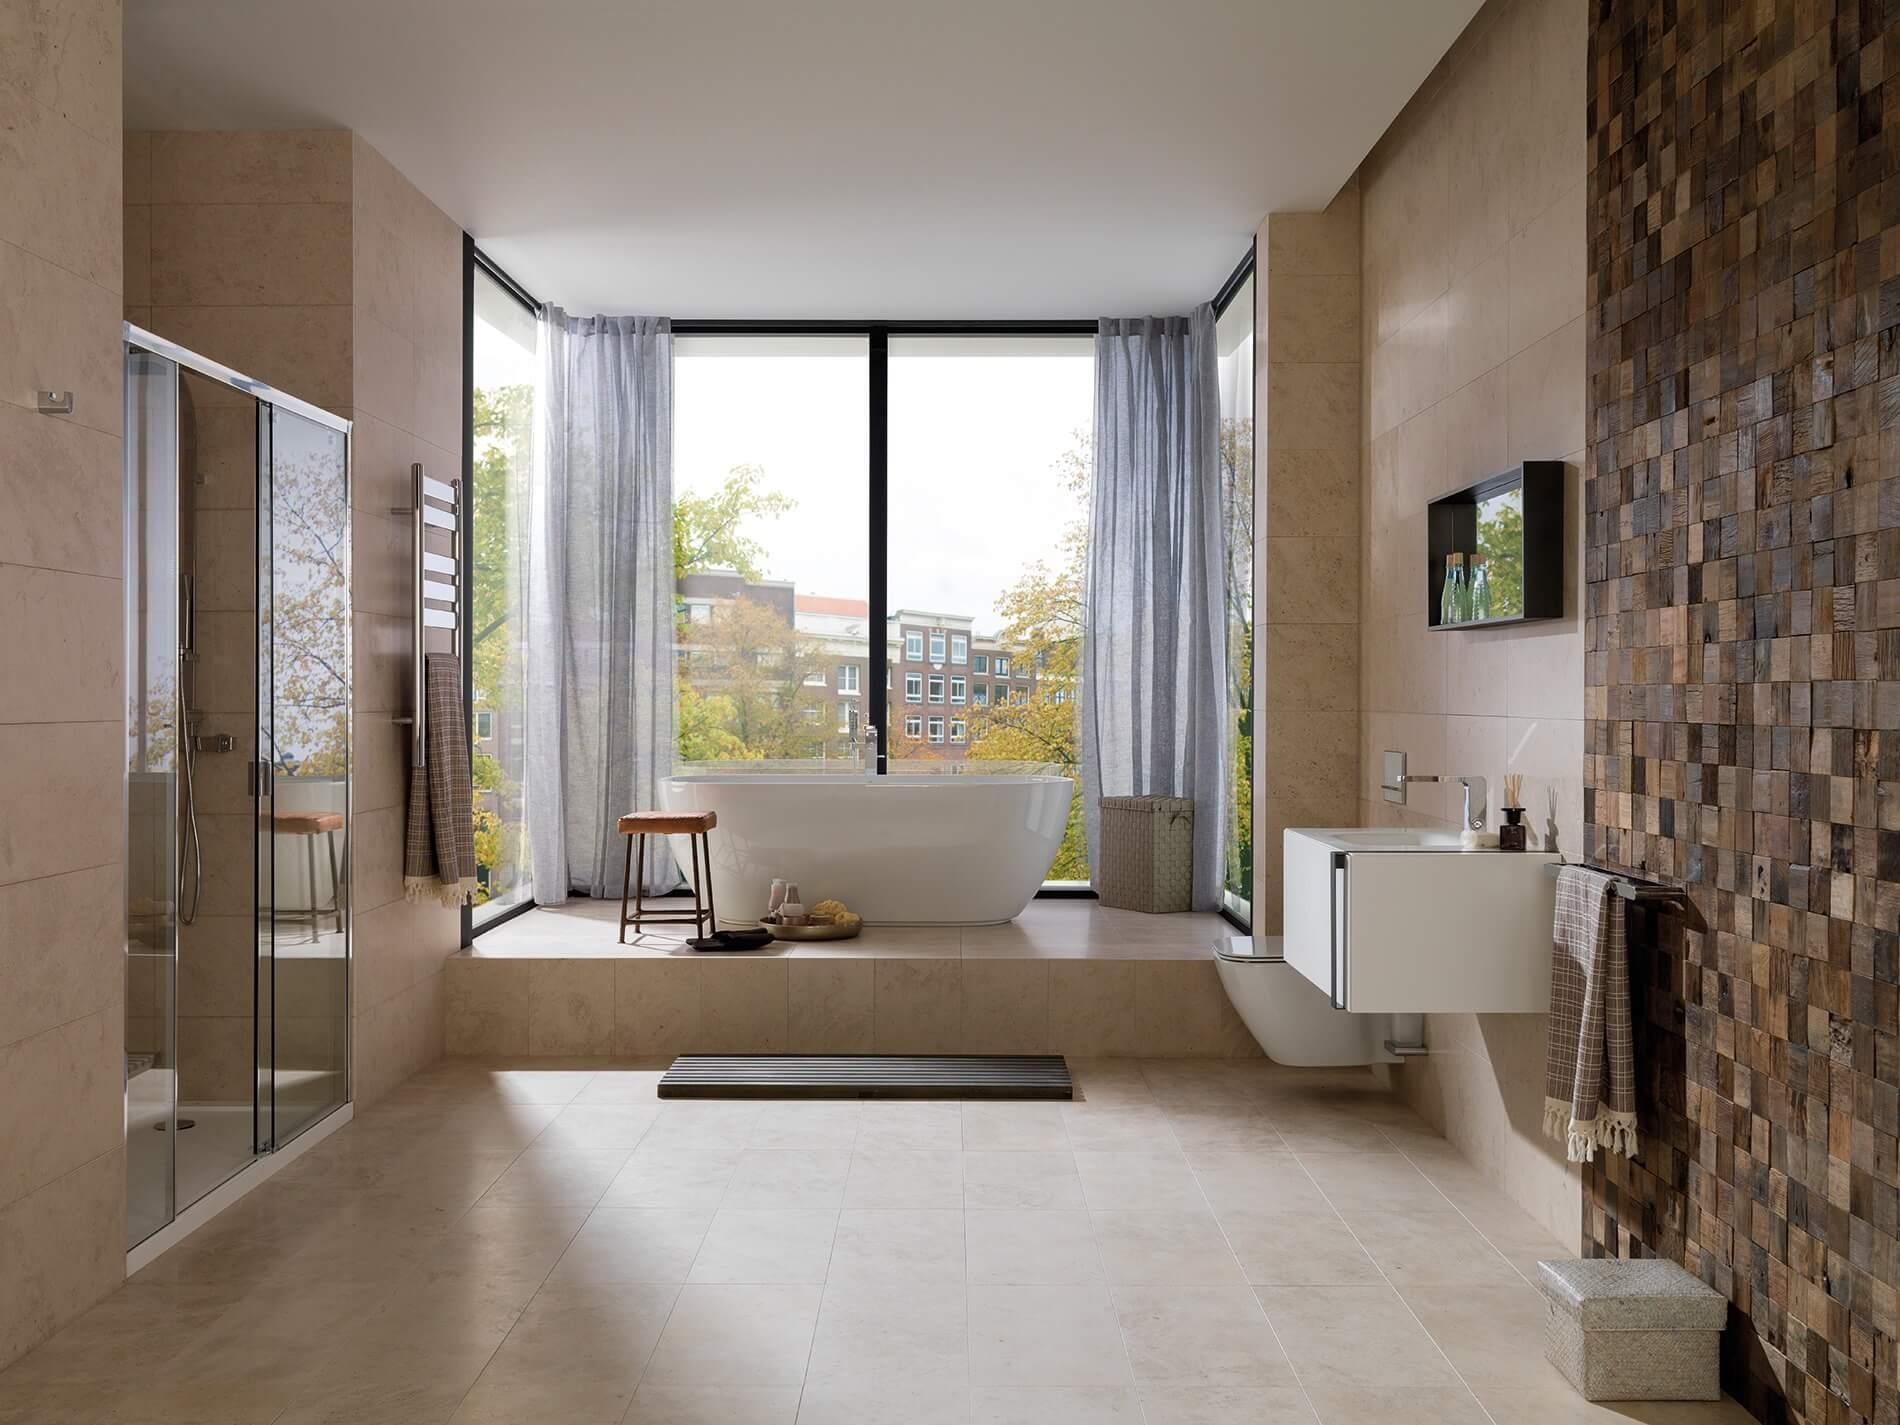 Baño revestido de madera y piedra natural